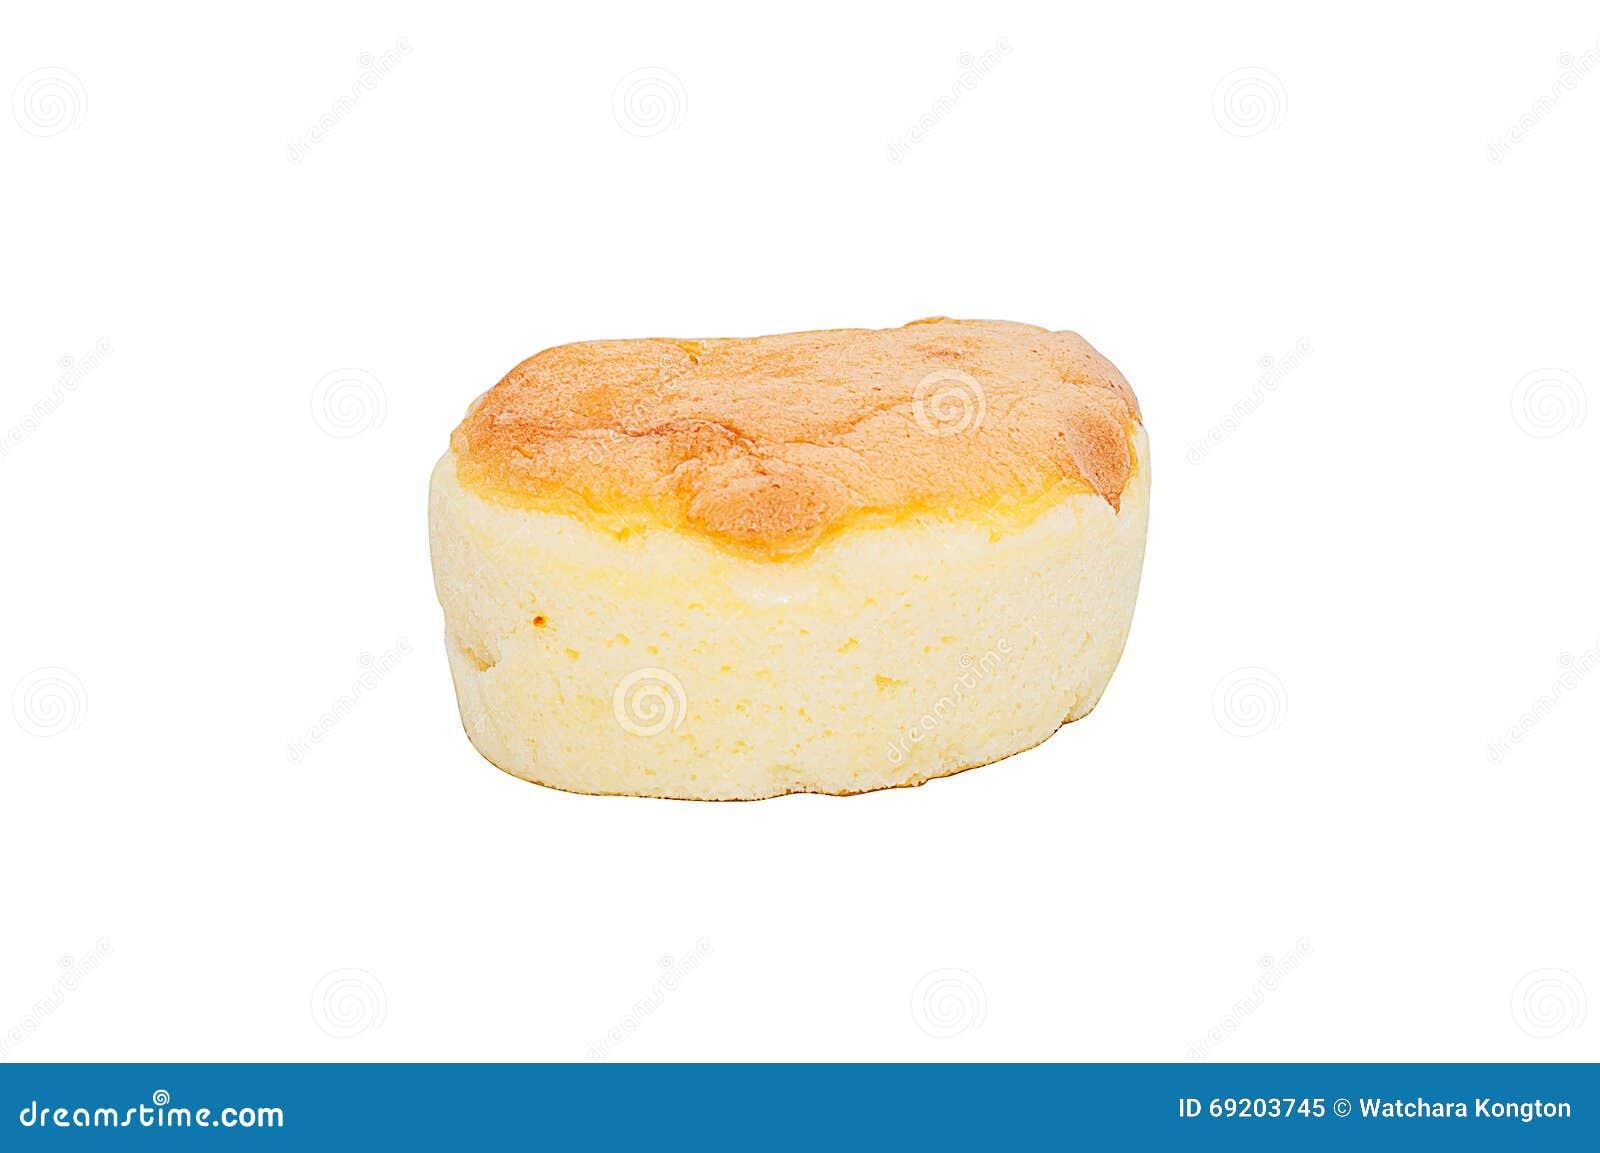 Recipe Mamon Filipino Sponge Cake